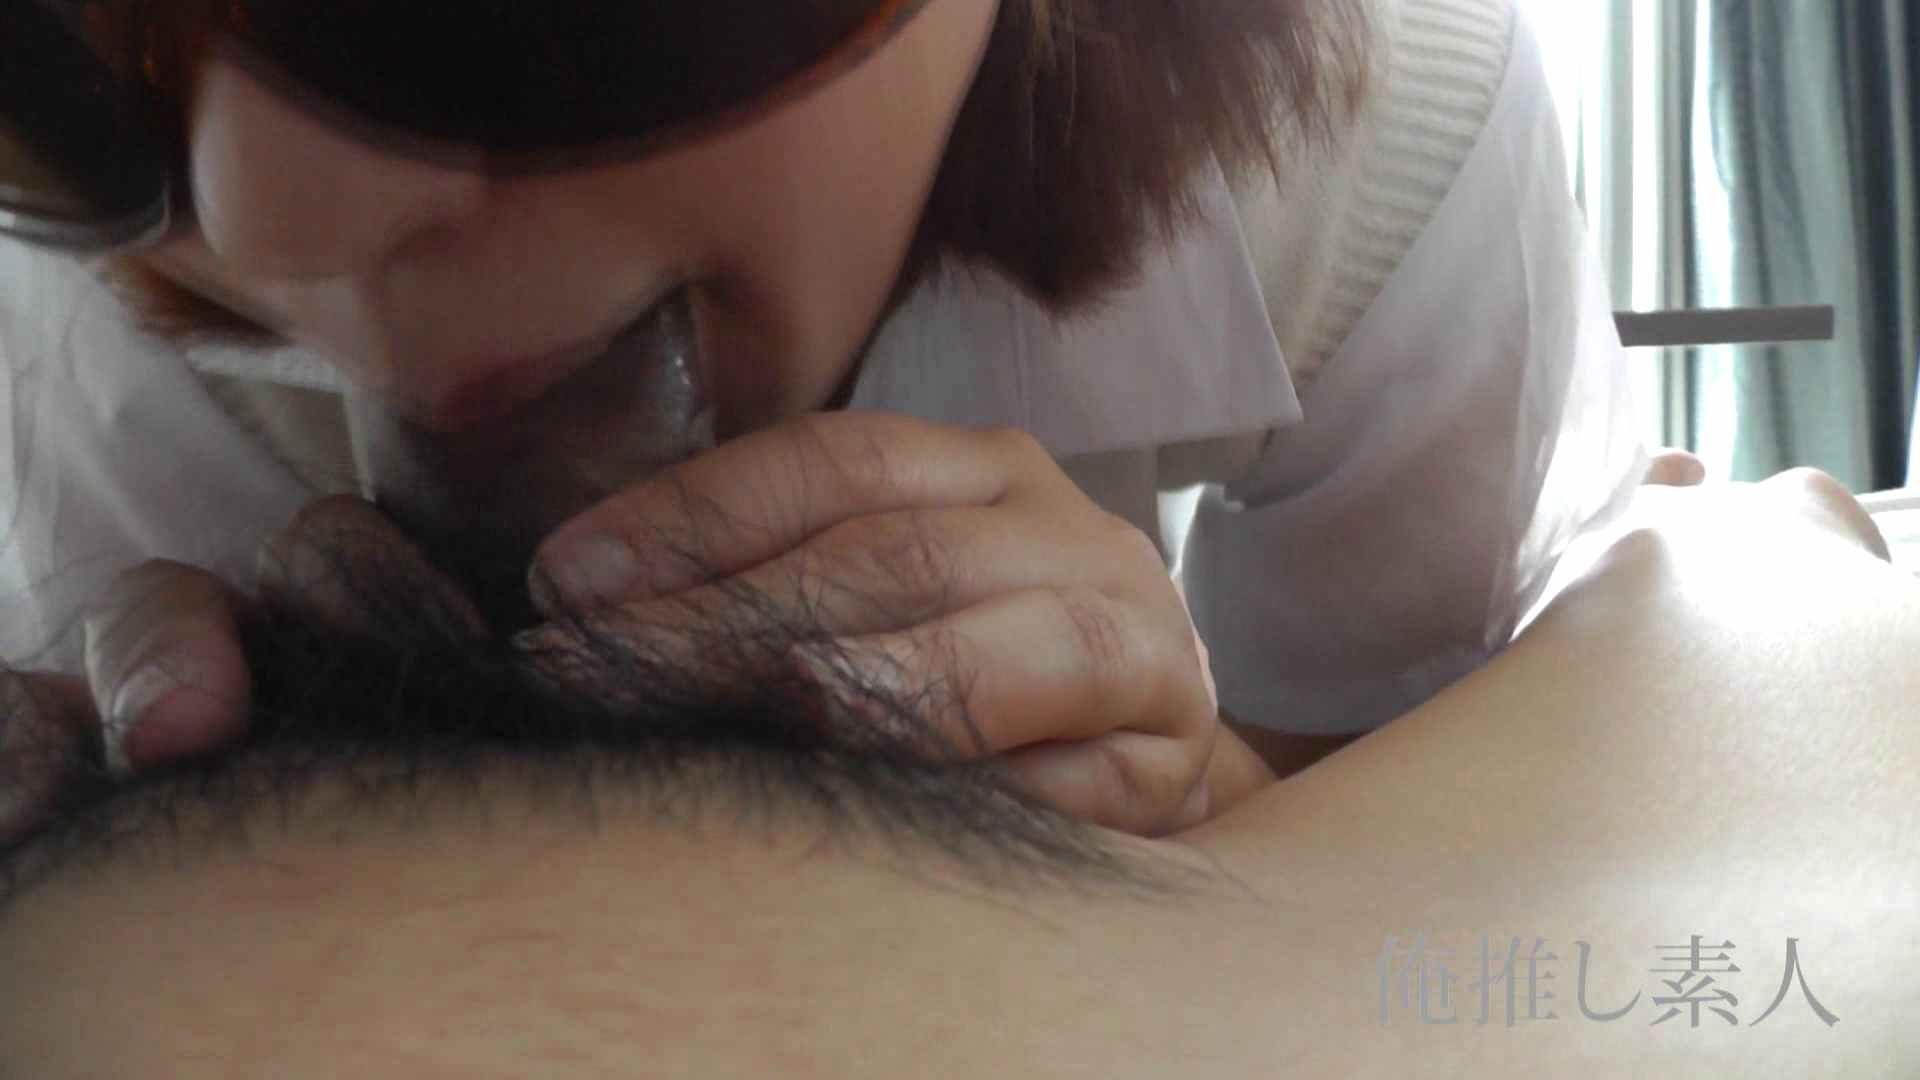 俺推し素人 キャバクラ嬢26歳久美vol6 コスプレ | 素人  77pic 39